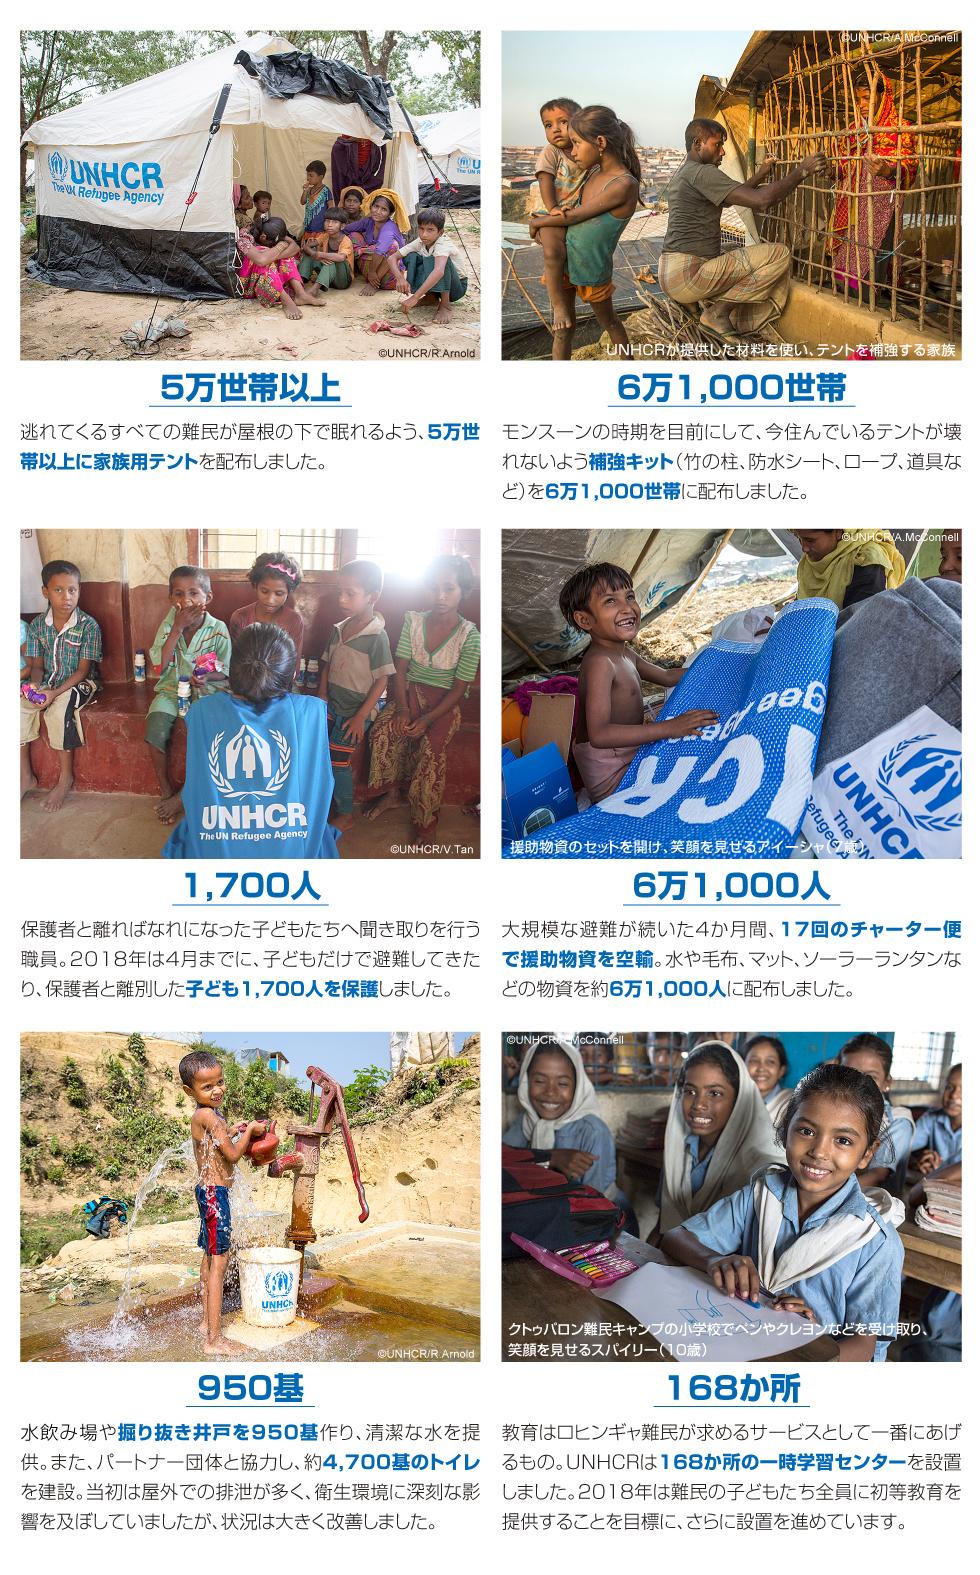 家庭用テント5万世帯以上など、届けられた支援